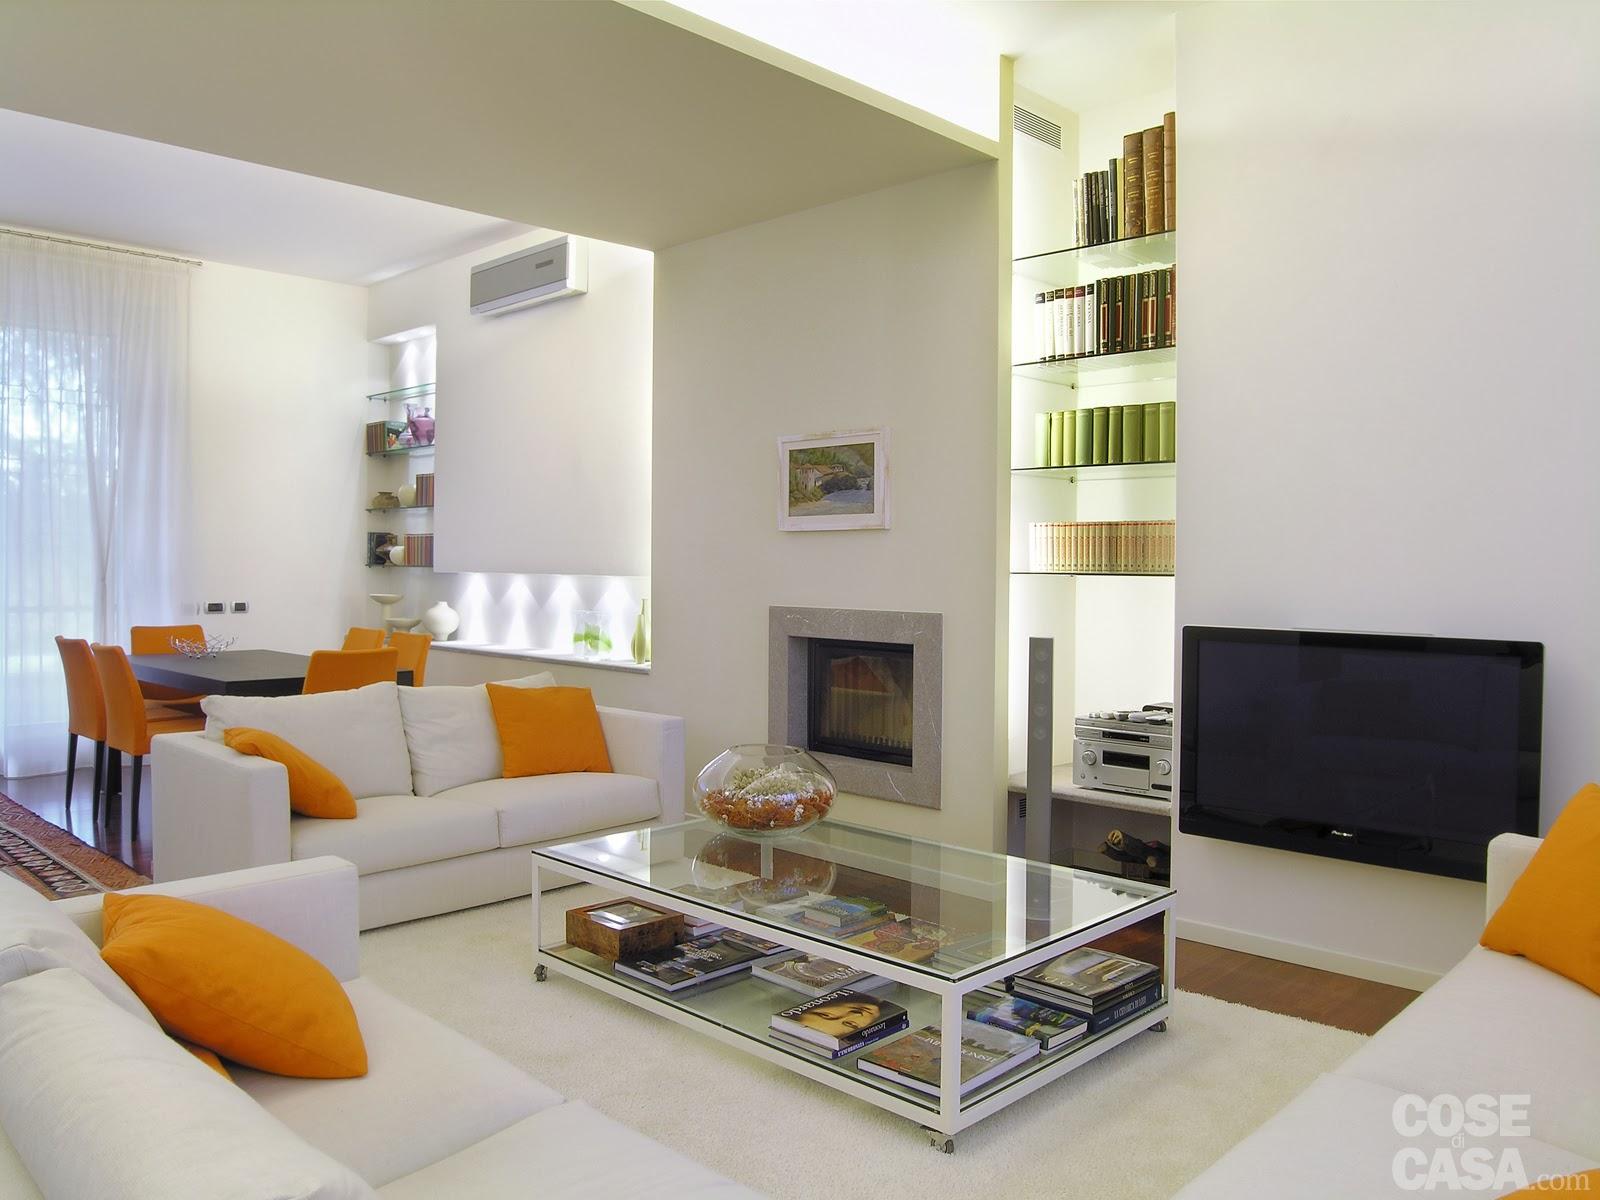 arredare il salotto fai da te: arredo soggiorno moderno bianco ... - Tende Per Dividere Cucina Da Soggiorno 2